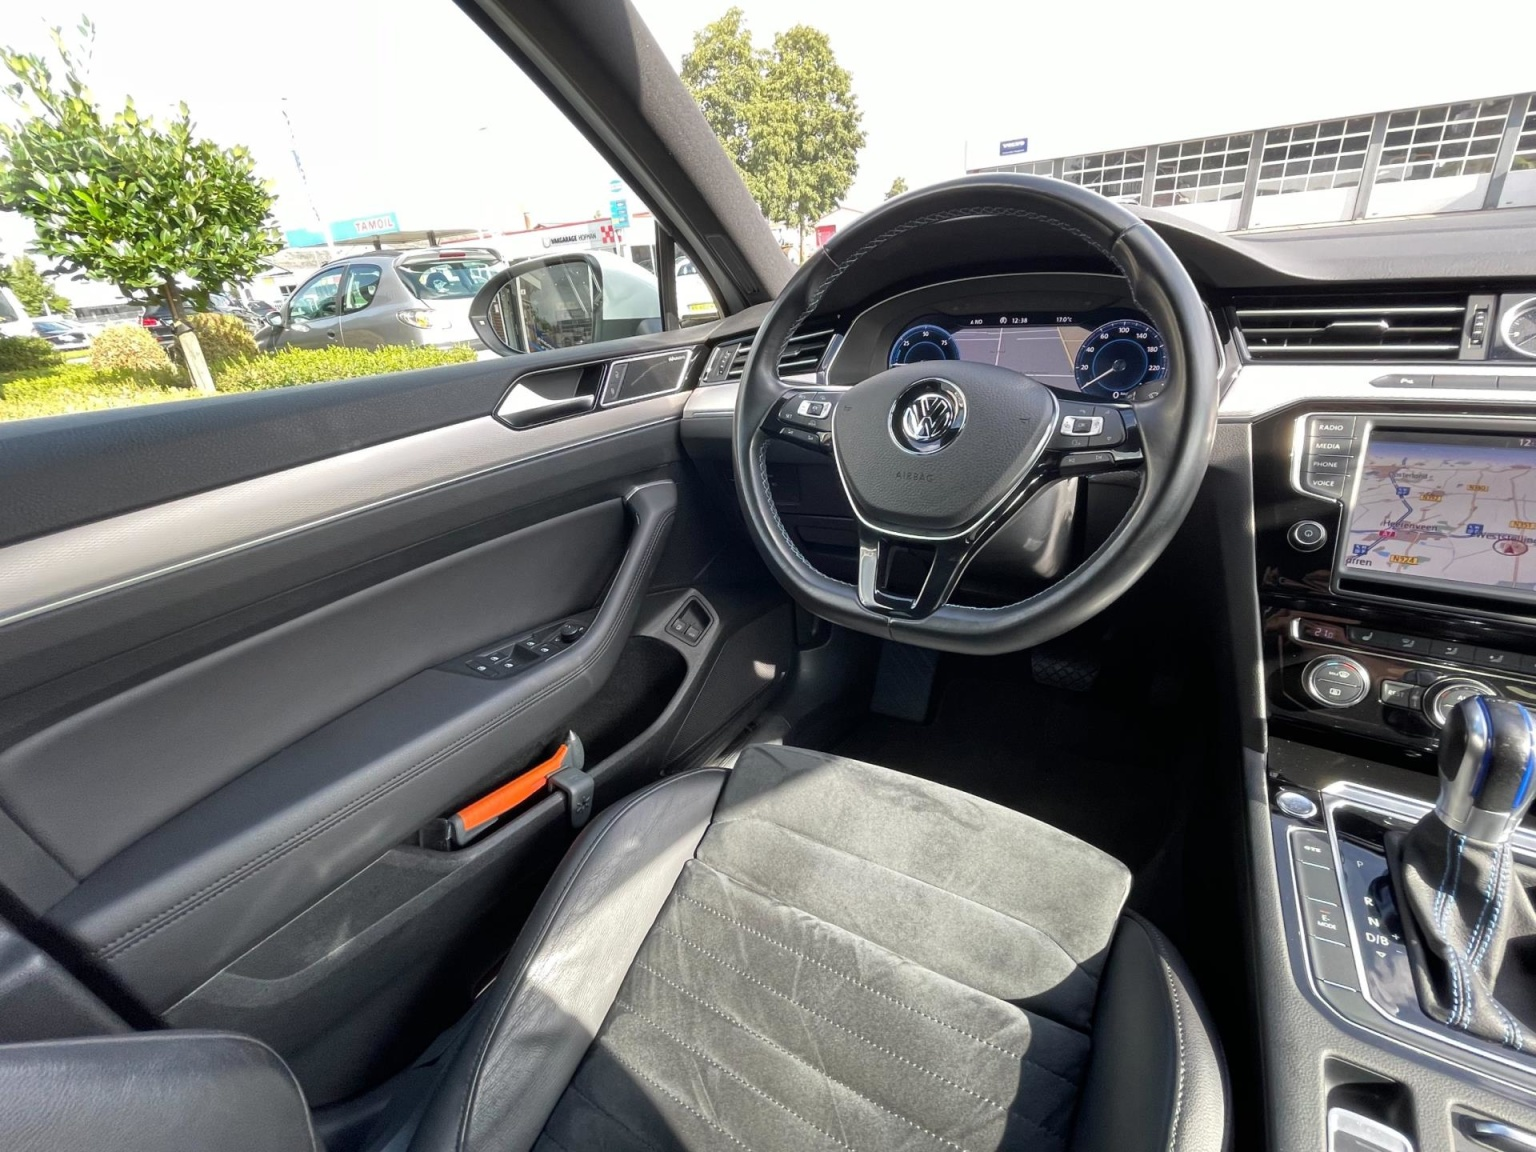 Volkswagen-Passat-42